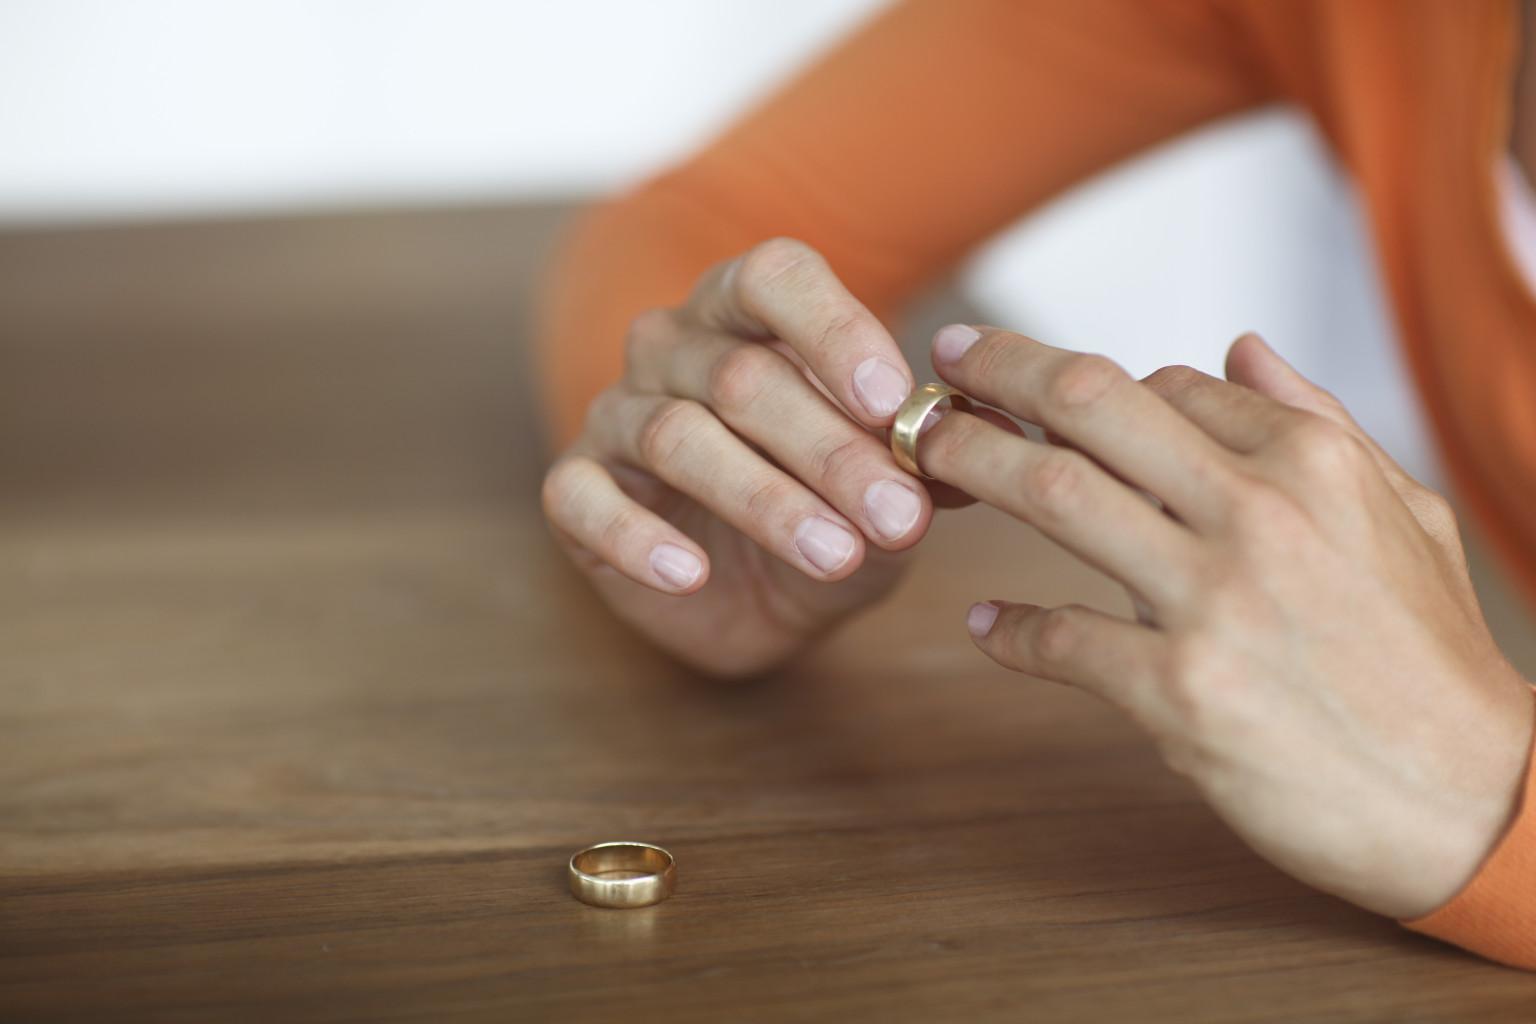 Divórcio consensual ou litigioso1 - Divórcio Consensual